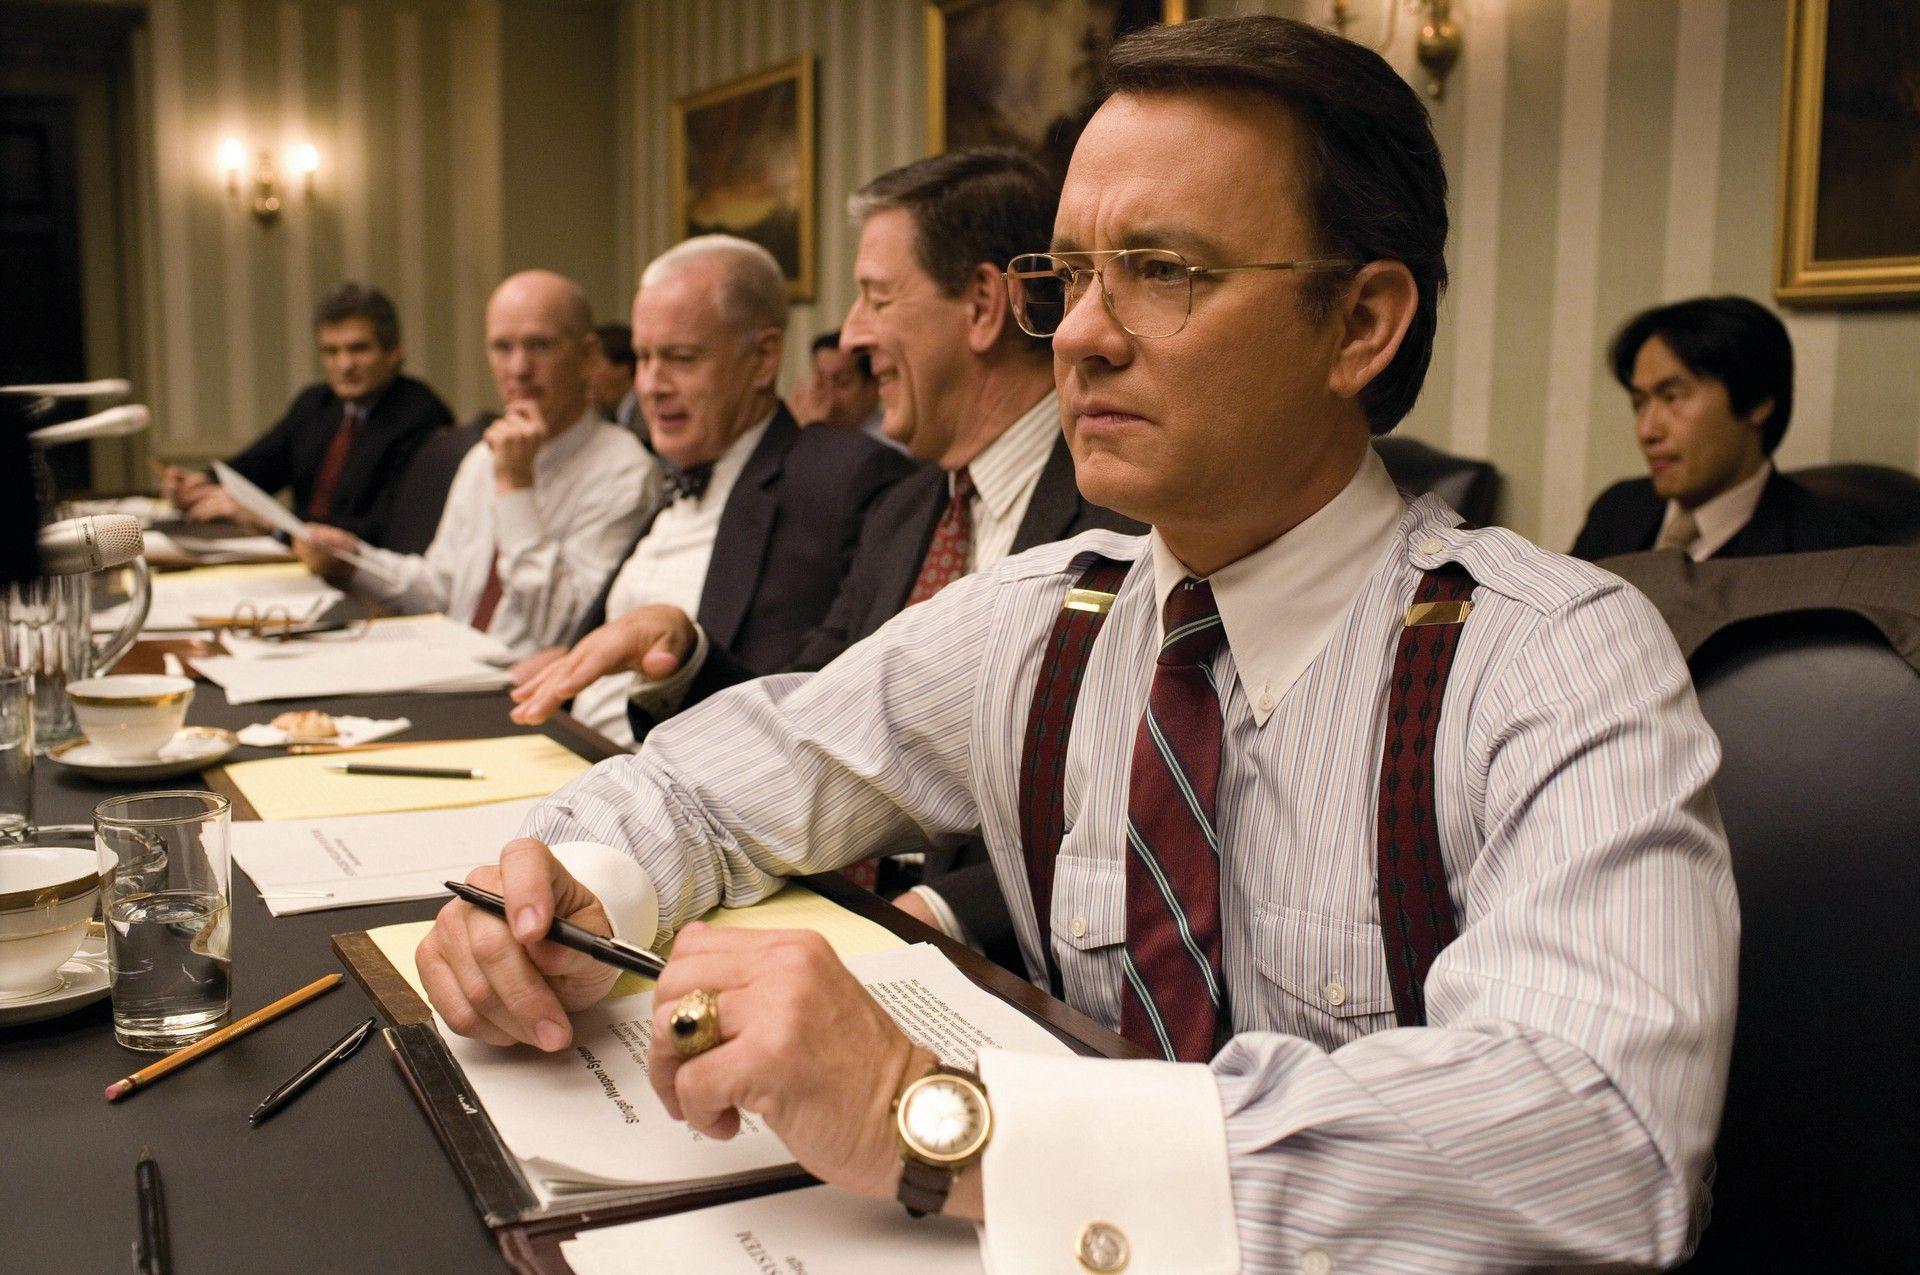 Charlie Wilson S War Movie Still 2007 Tom Hanks As